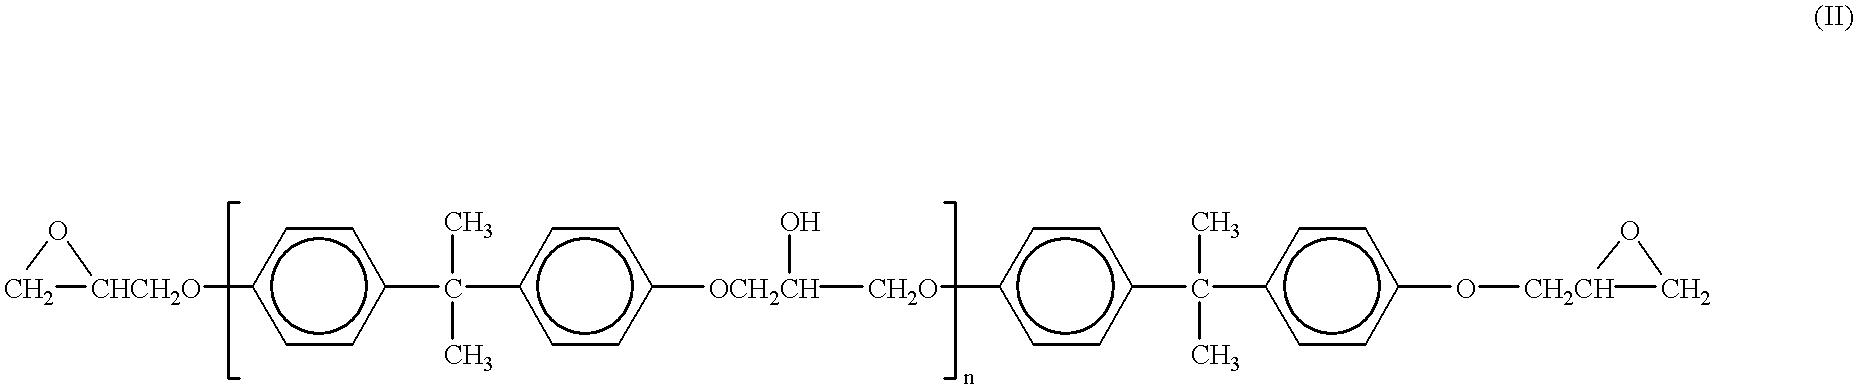 Figure US06388023-20020514-C00002